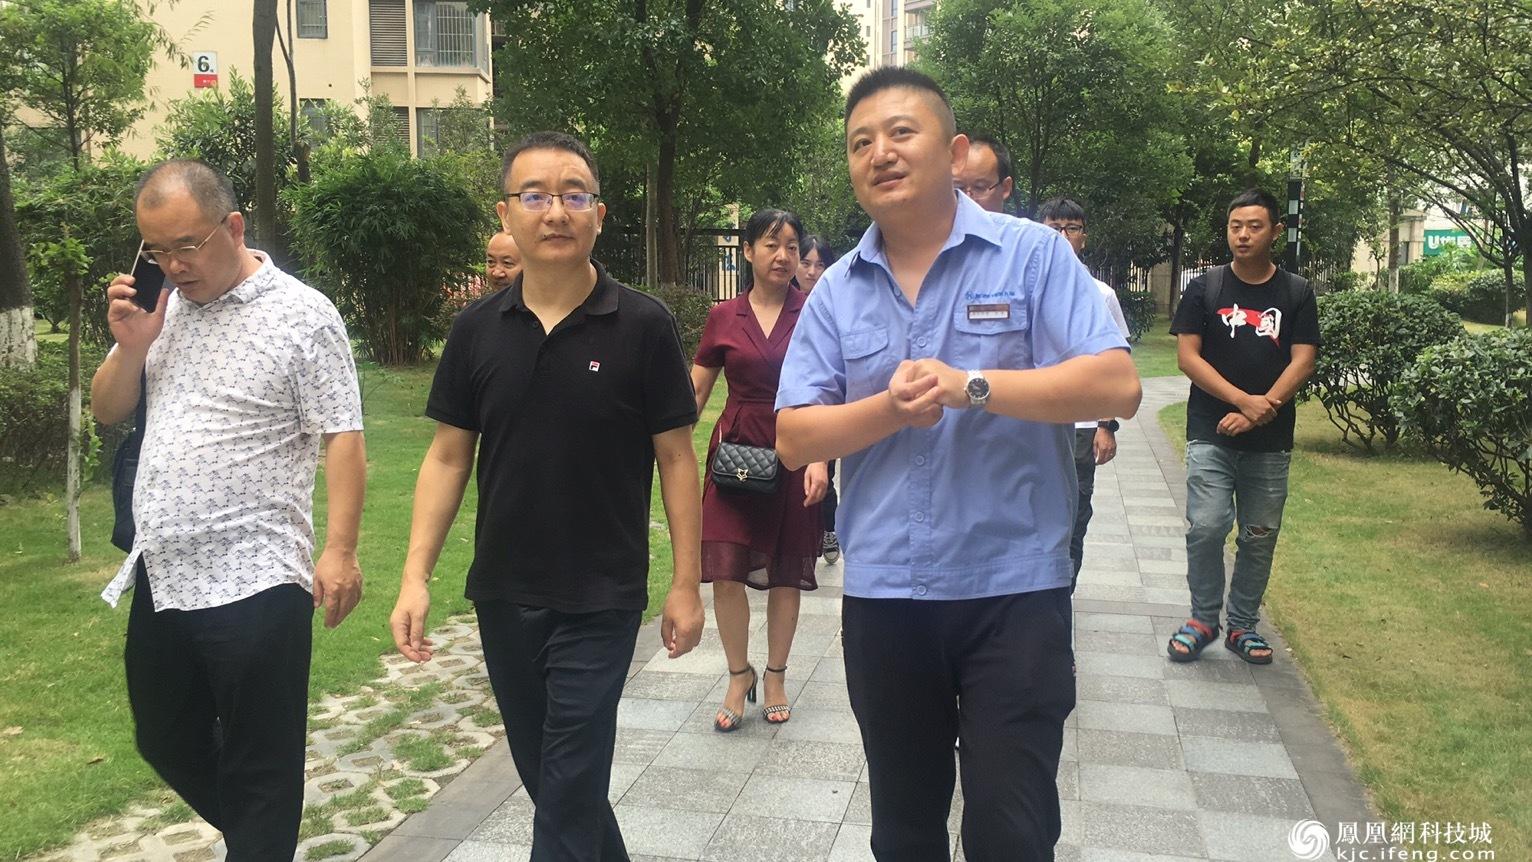 三台县司法局到高新区交流参观法治小区建设工作